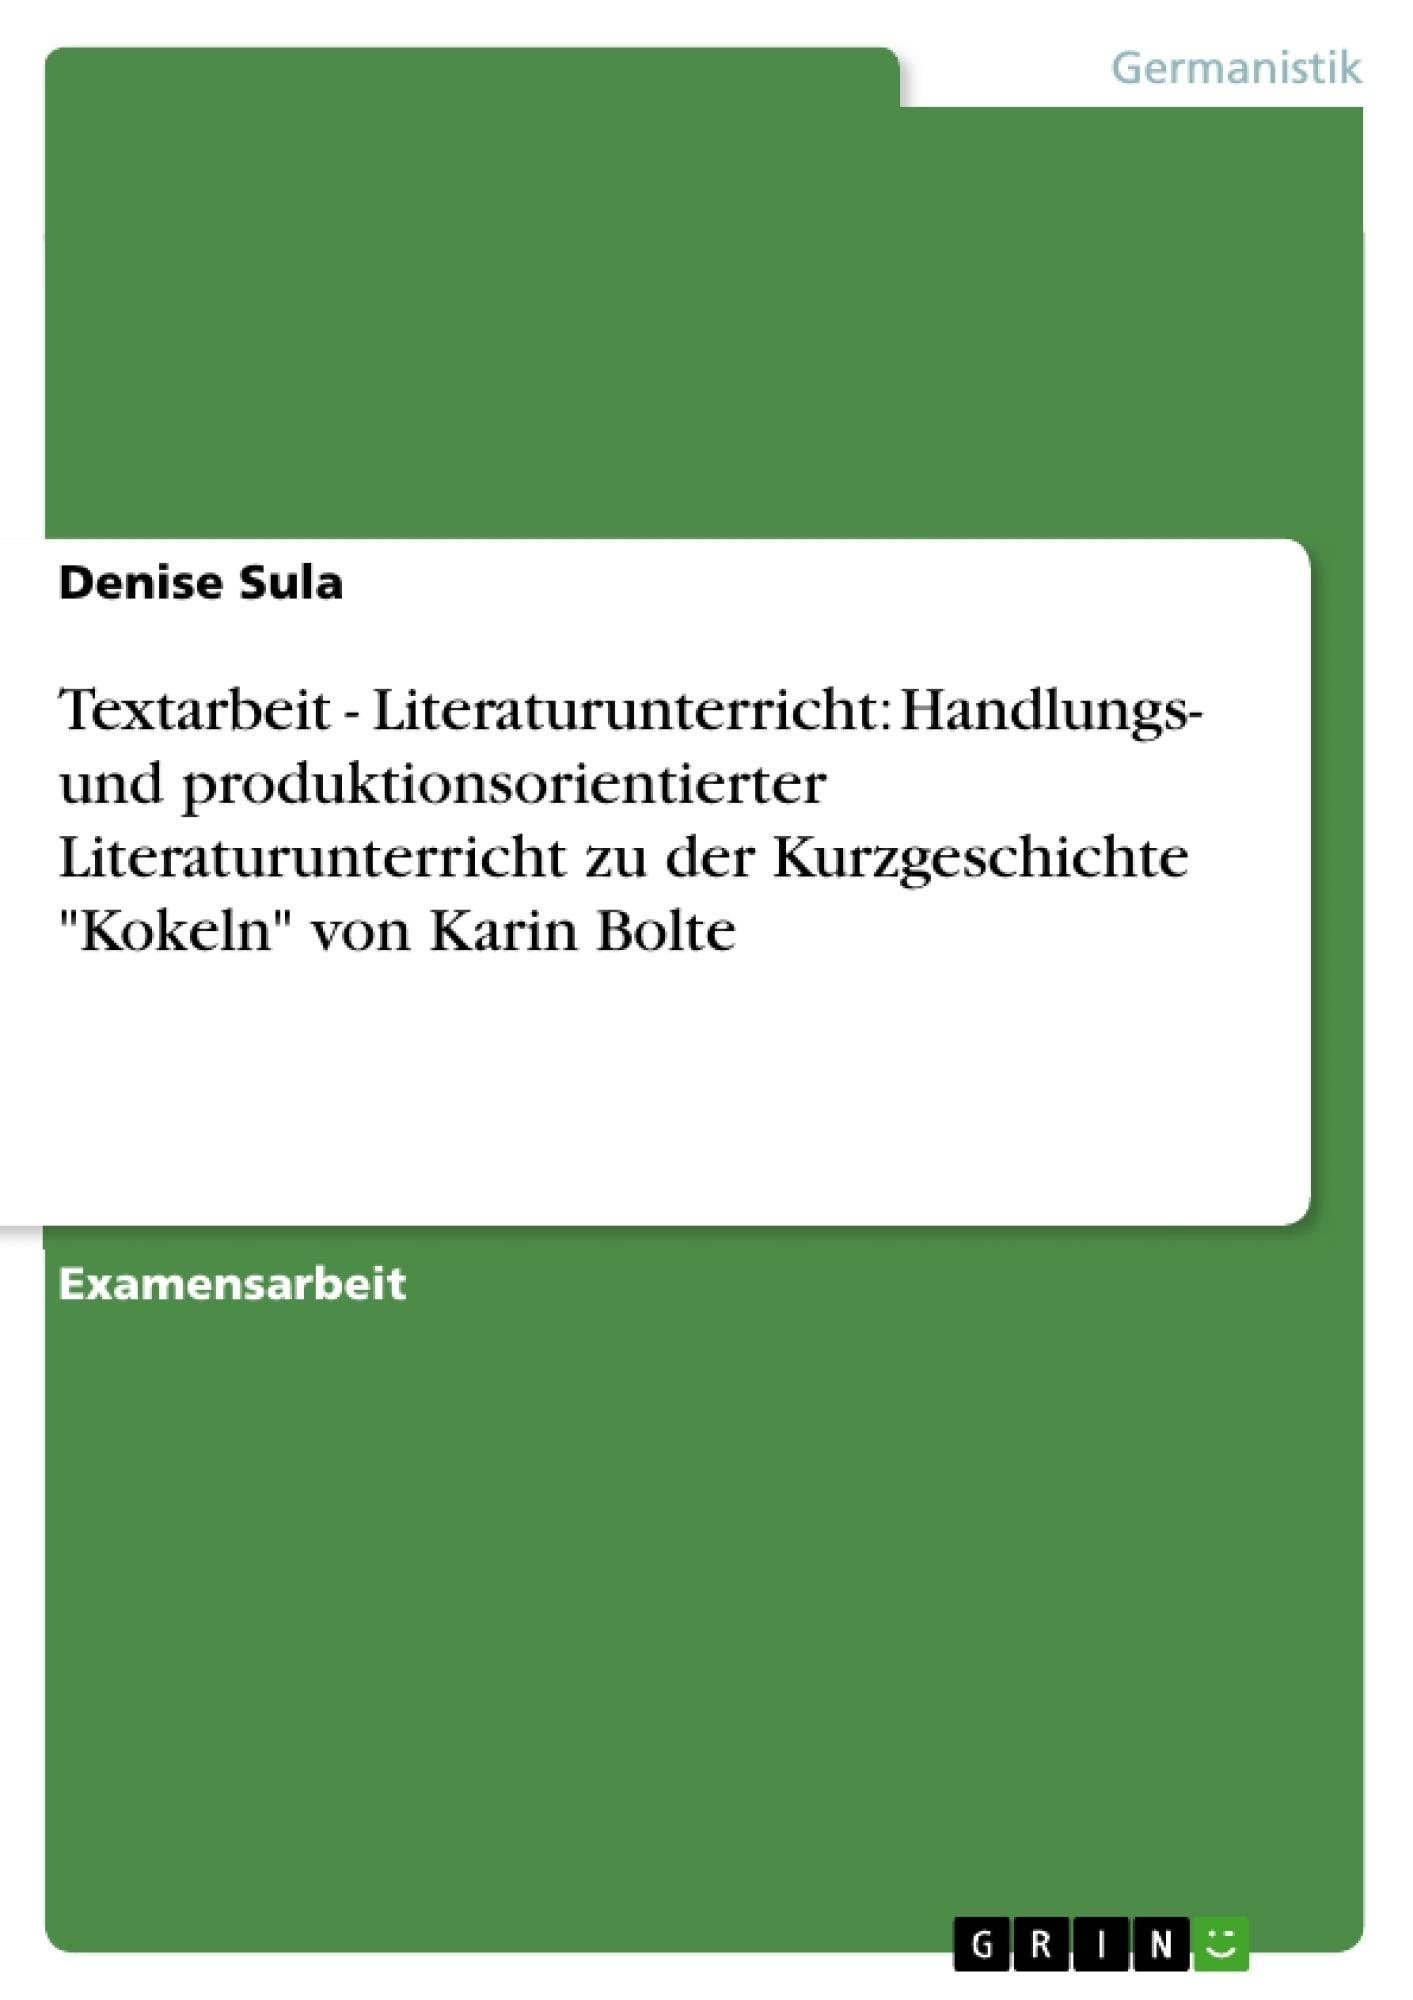 """Titel: Textarbeit - Literaturunterricht: Handlungs- und produktionsorientierter Literaturunterricht zu der Kurzgeschichte """"Kokeln"""" von Karin Bolte"""